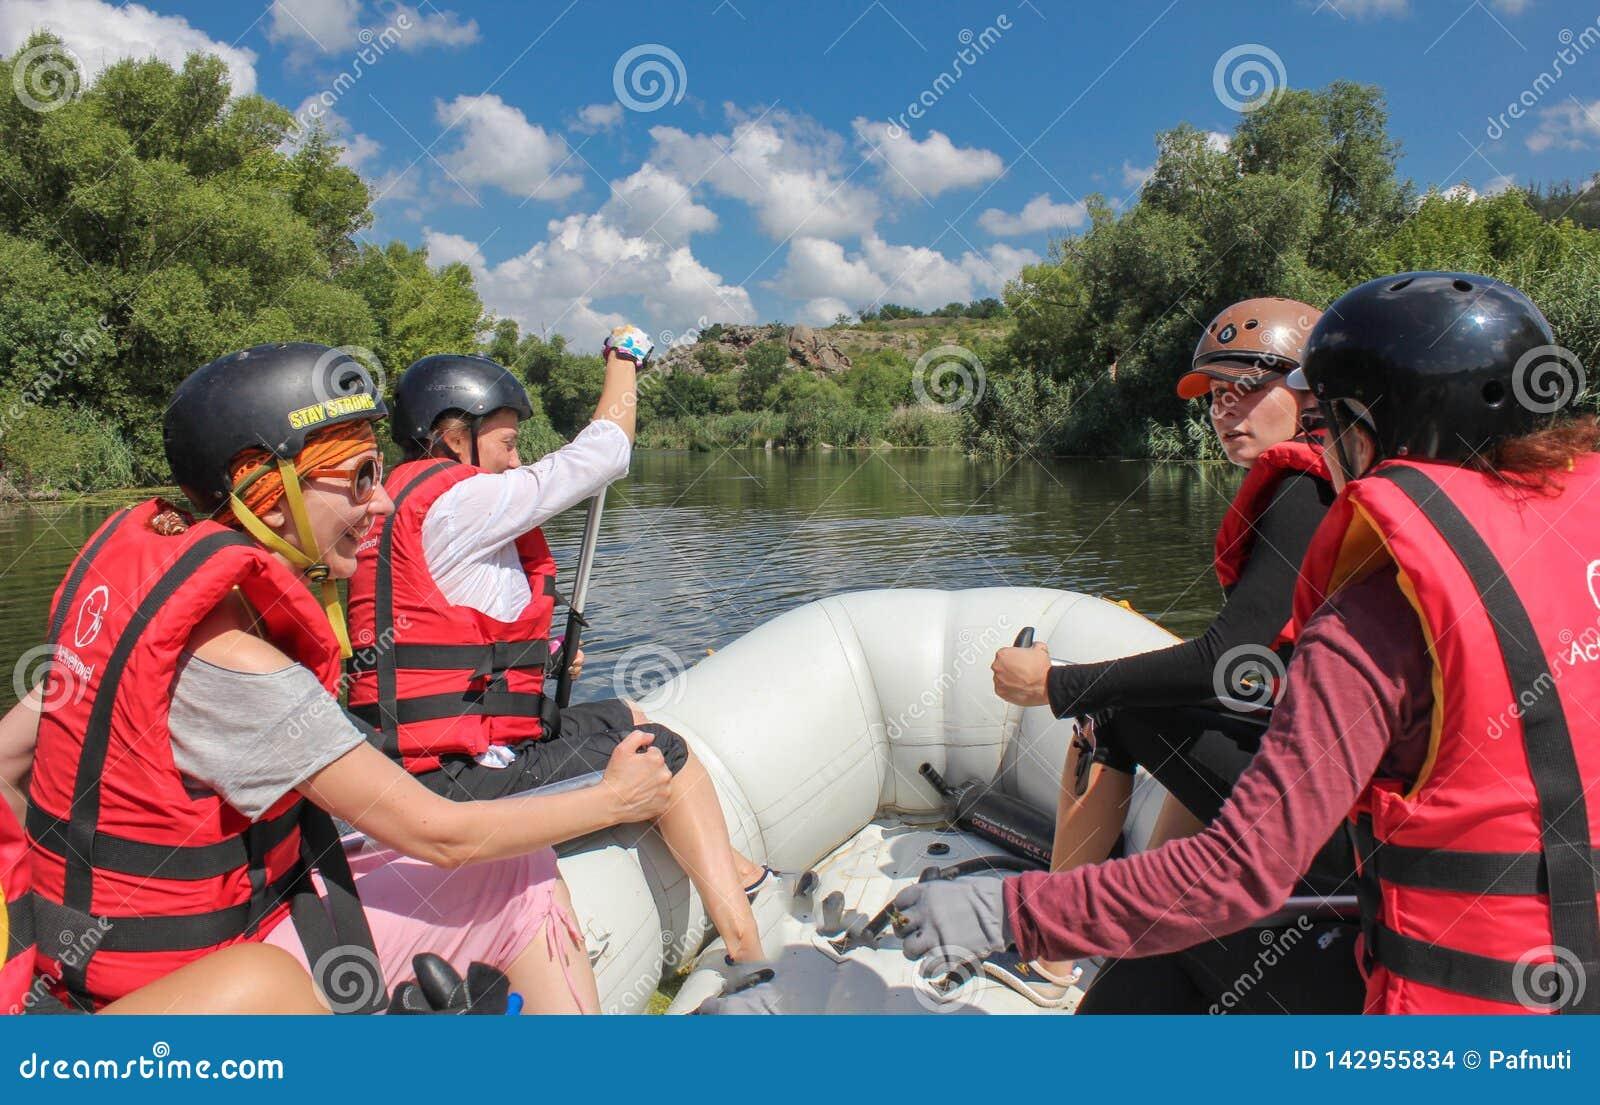 Mygiya/Ukraine - 22. Juli 2018: POV Frauenmannschaft auf dem Flößen Flößen in südlichem Wanzenfluß mit Wildwasserkanufahren